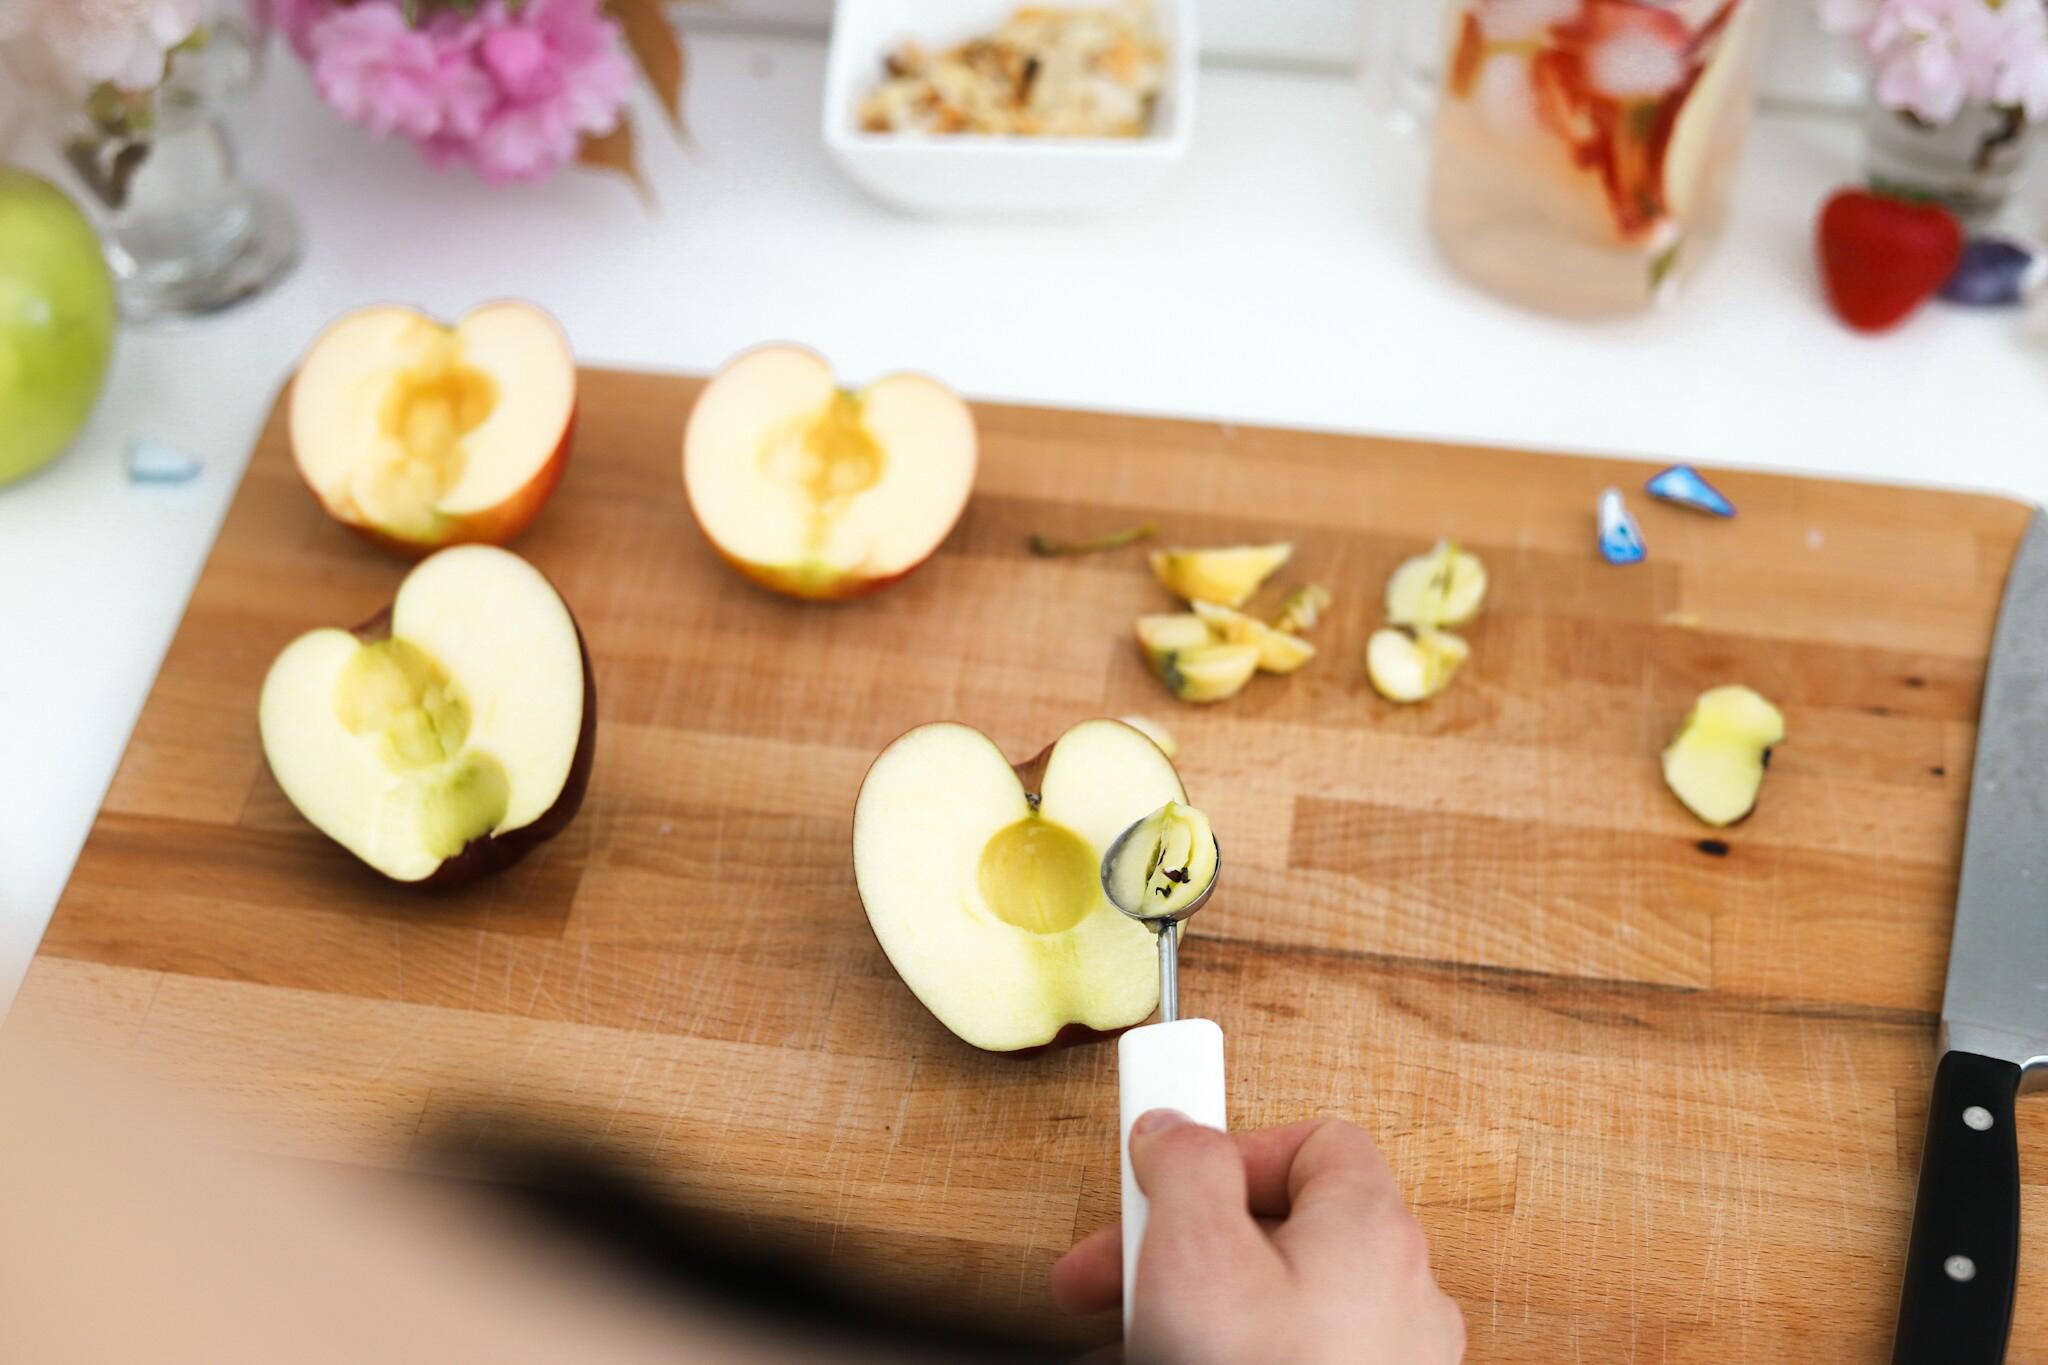 Pers de citroen en giet het citroensap en water over de appels.